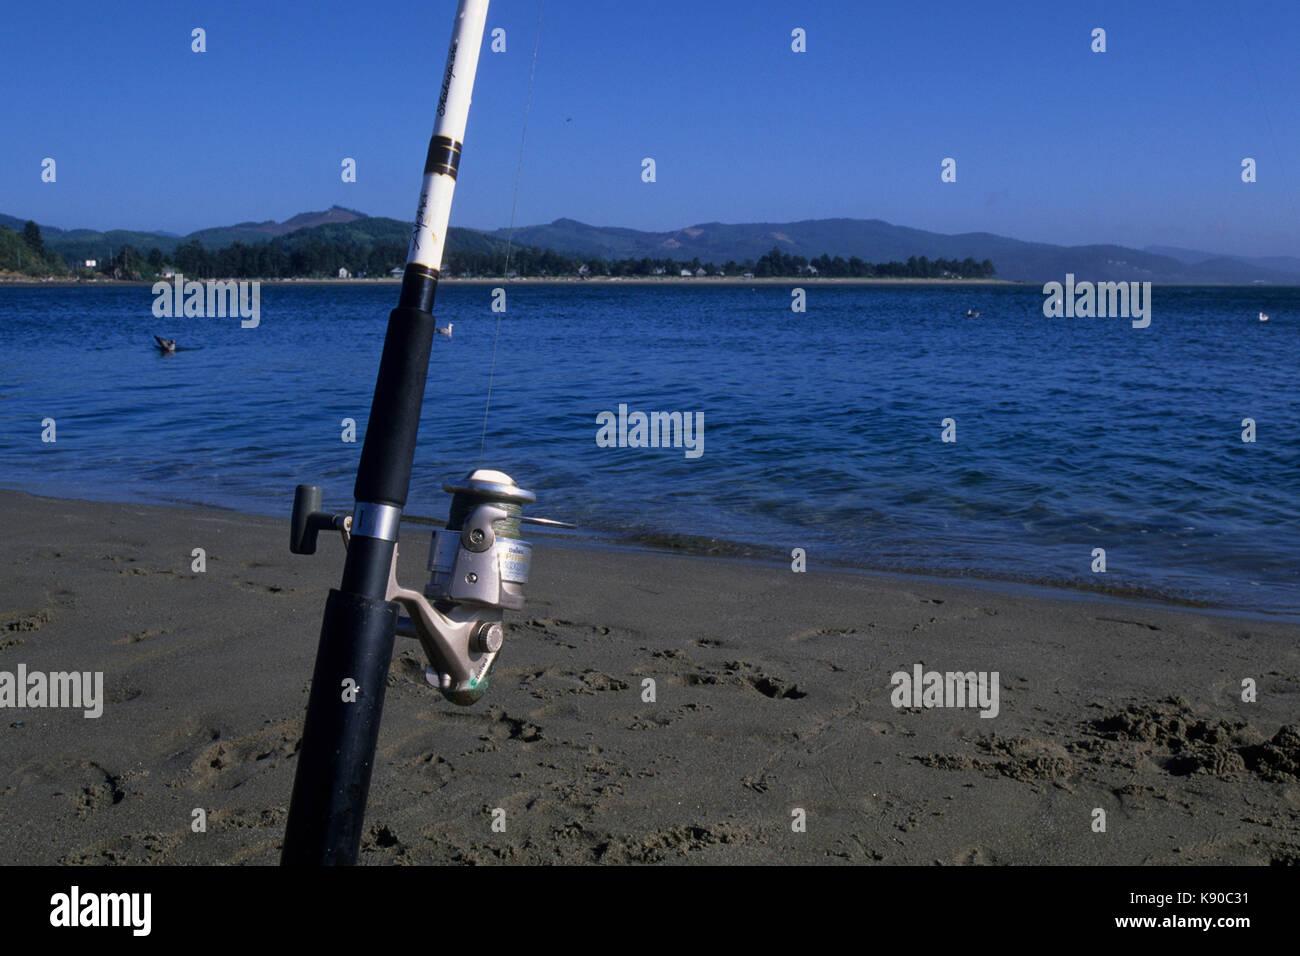 Siletz oregon stock photos siletz oregon stock images for Fishing in lincoln city oregon